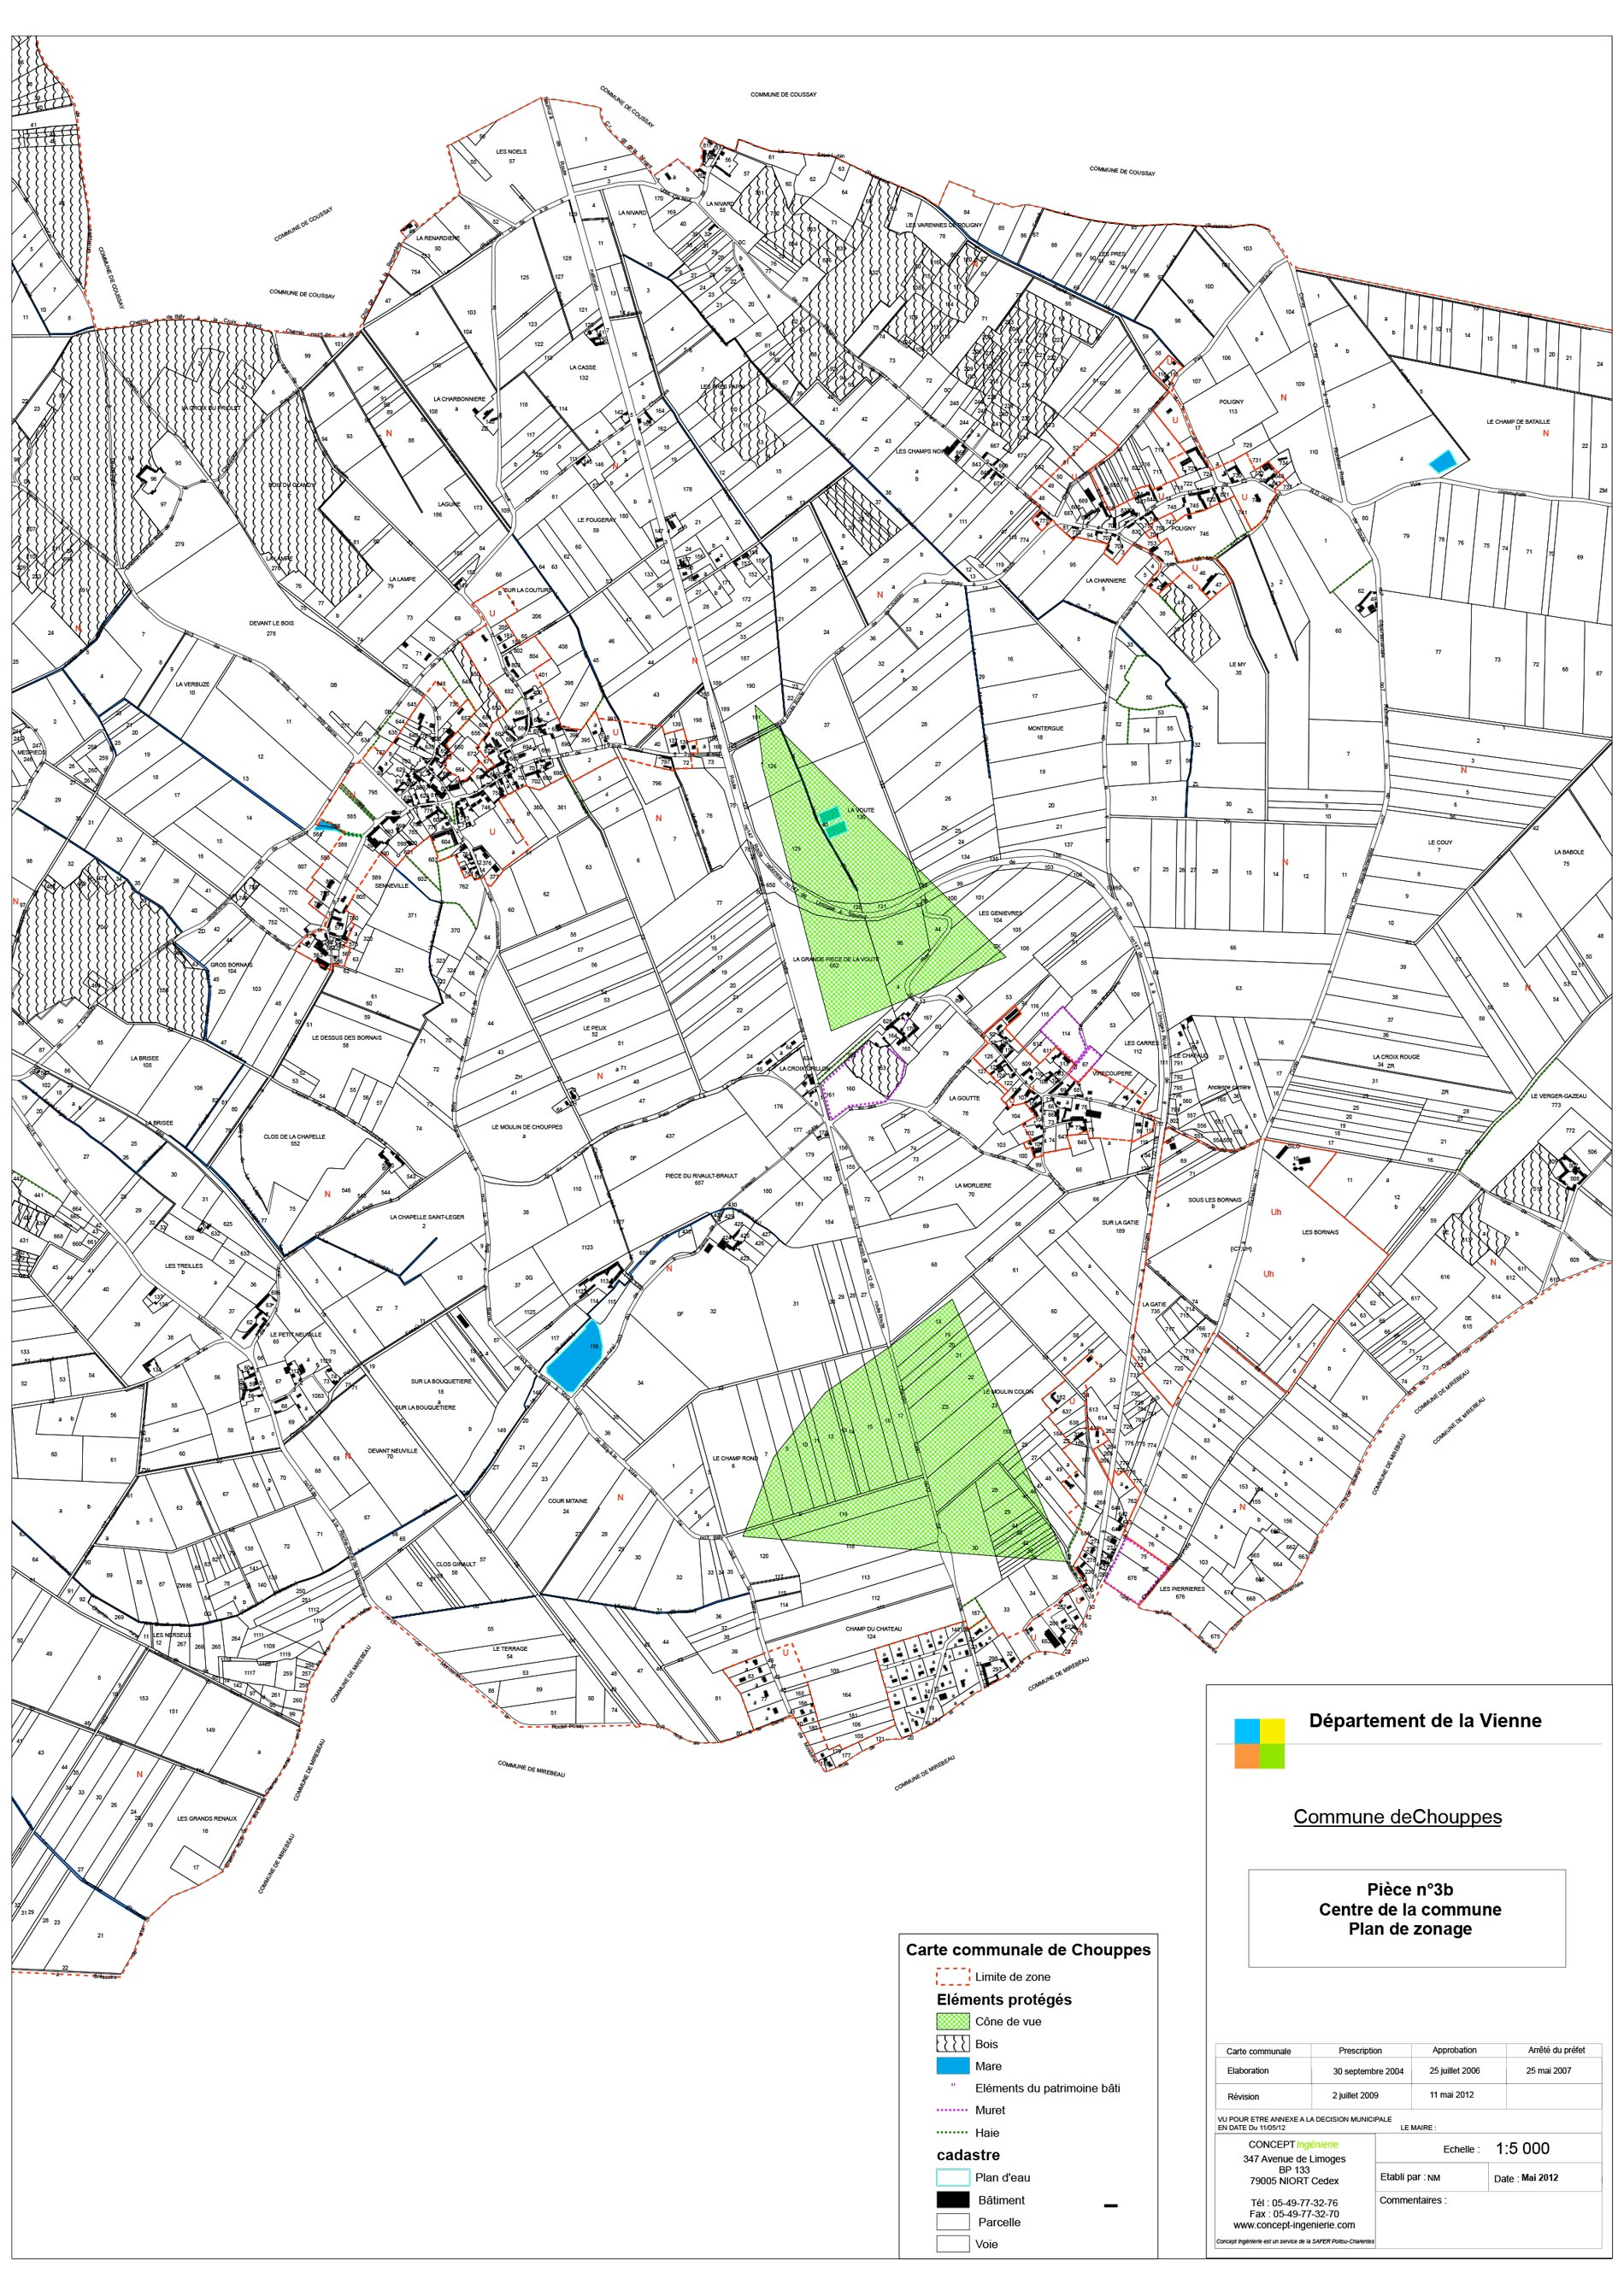 Plan de zonage central